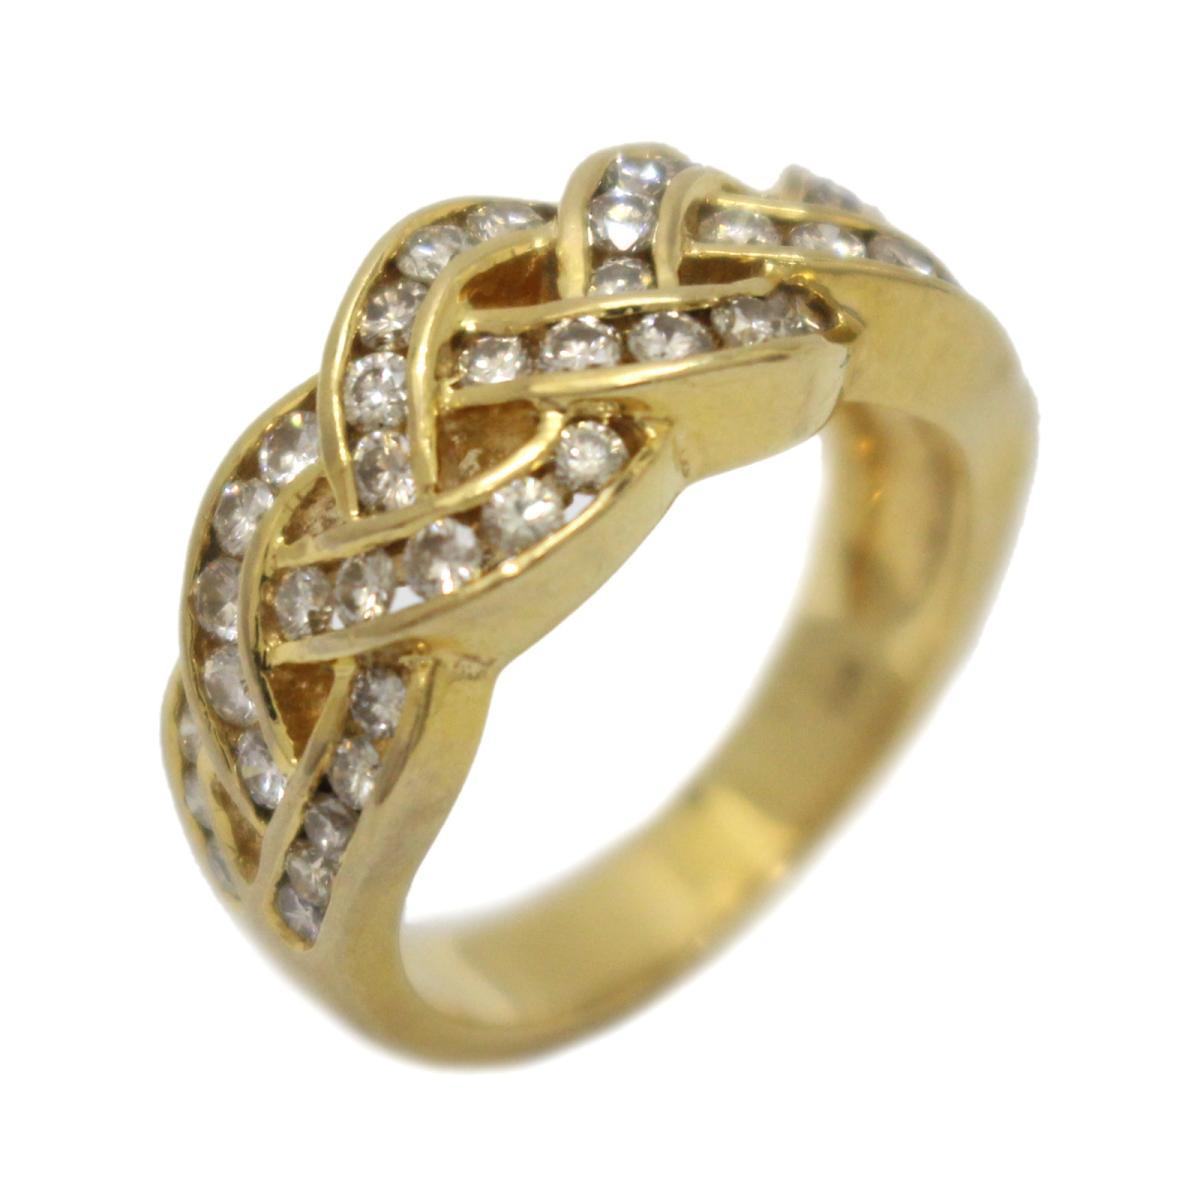 【中古】 ジュエリー ダイヤモンド リング 指輪 レディース K18YG (750) イエローゴールド x (1.00ct) | JEWELRY BRANDOFF ブランドオフ ブランド アクセサリー